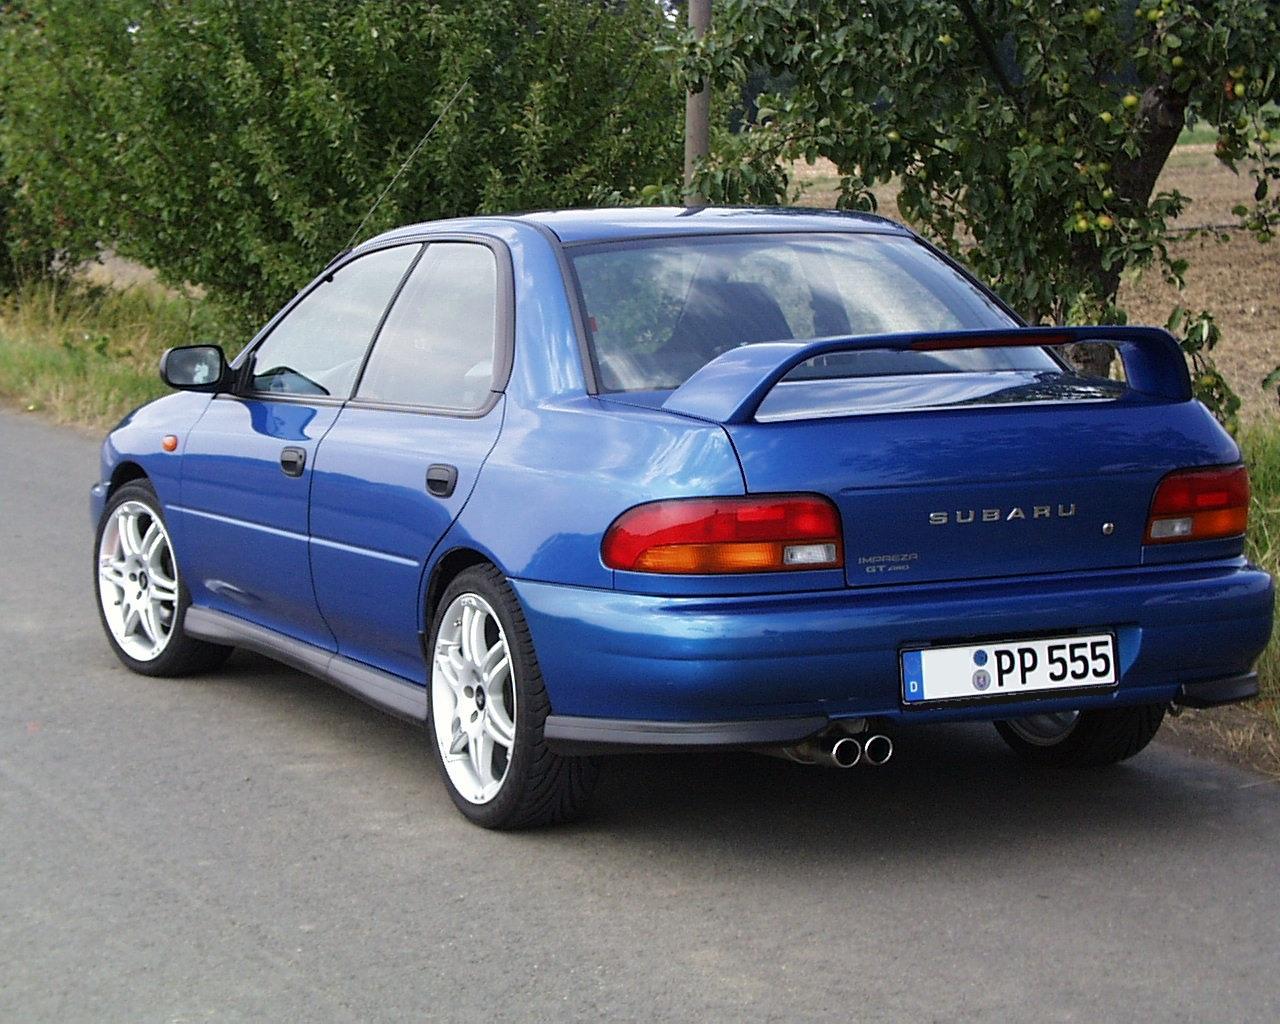 Subaru Wrx 0 60 >> 1999 Subaru Impreza RS - Coupe 2.5L AWD Manual